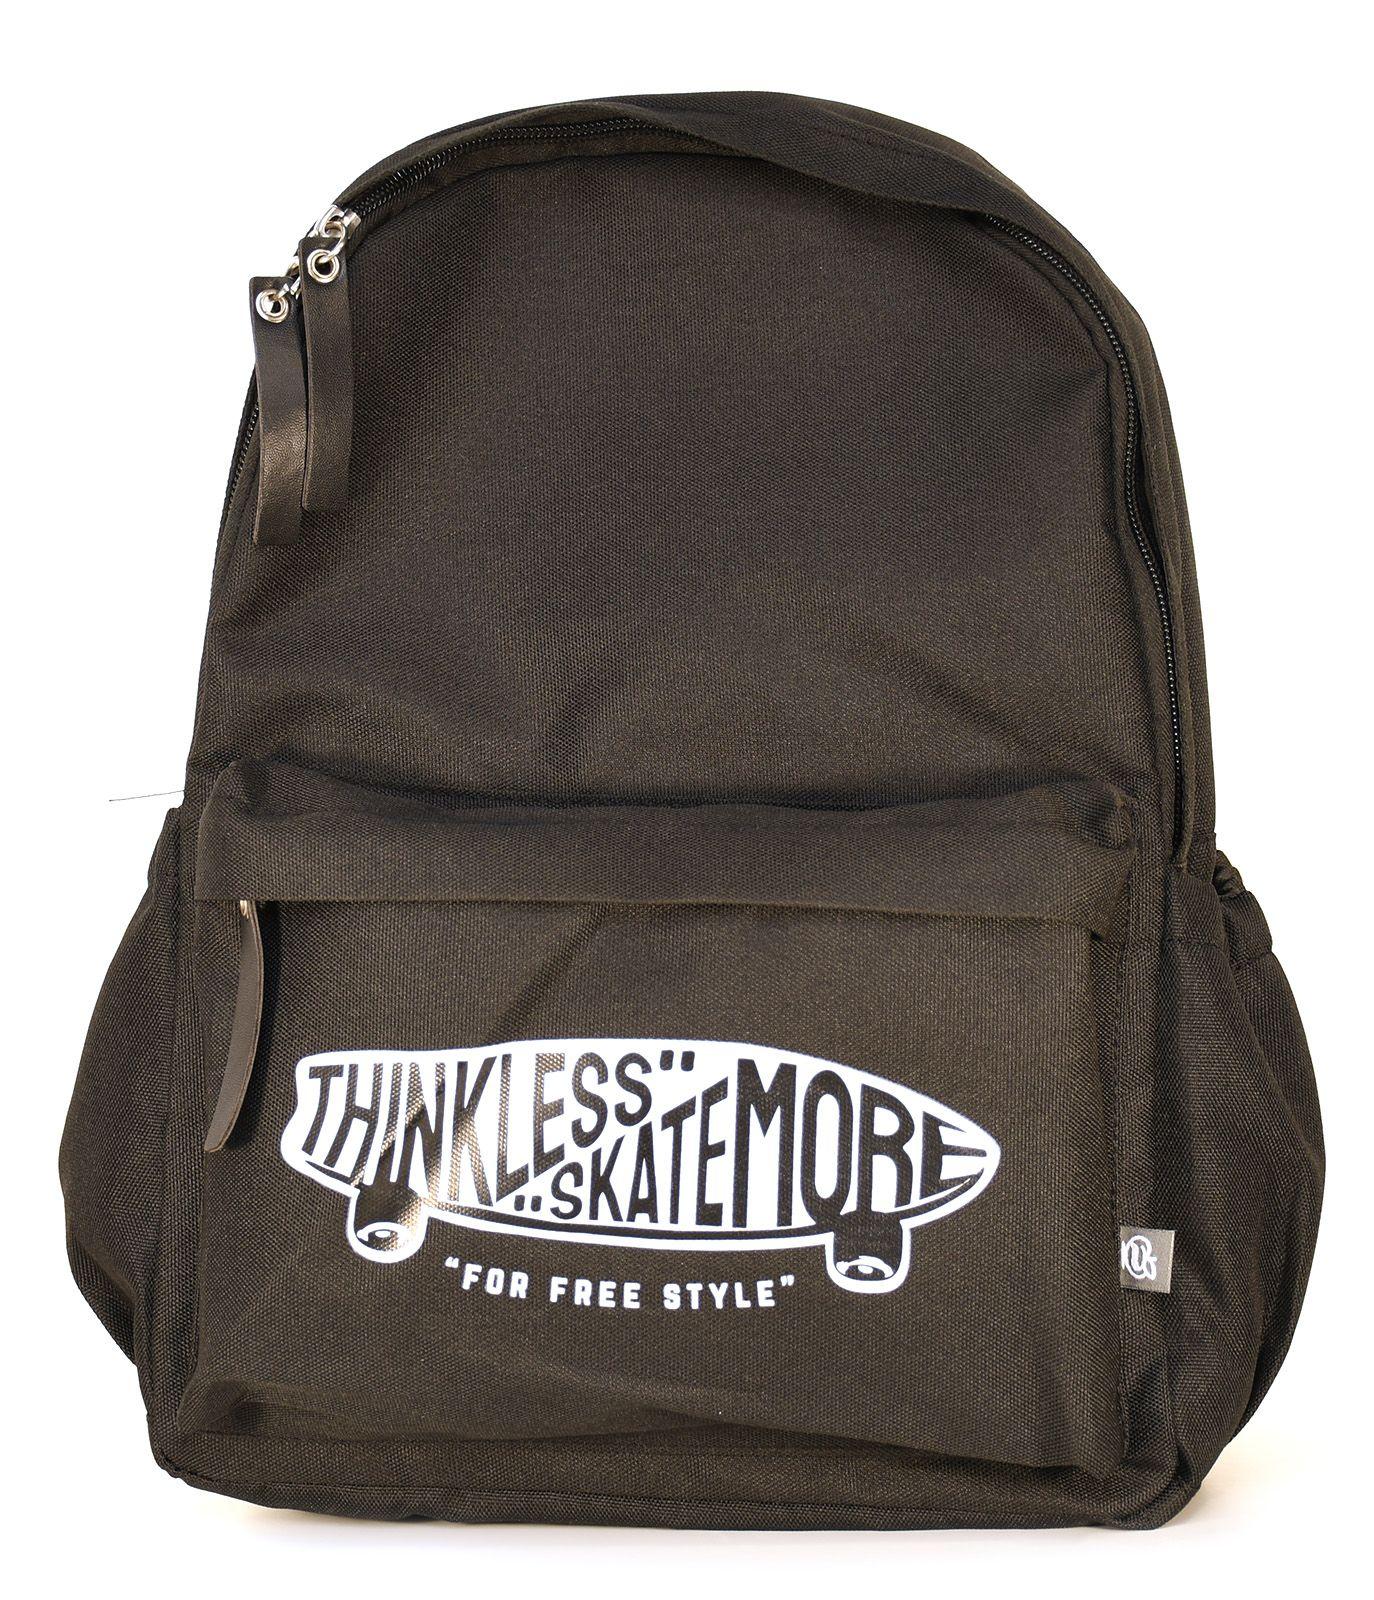 Рюкзак Schoolformat SKATE NONSTOP, модель SOFT, мягкий каркас, односекционный, 38х28х16 см, 15 л, для мальчиков